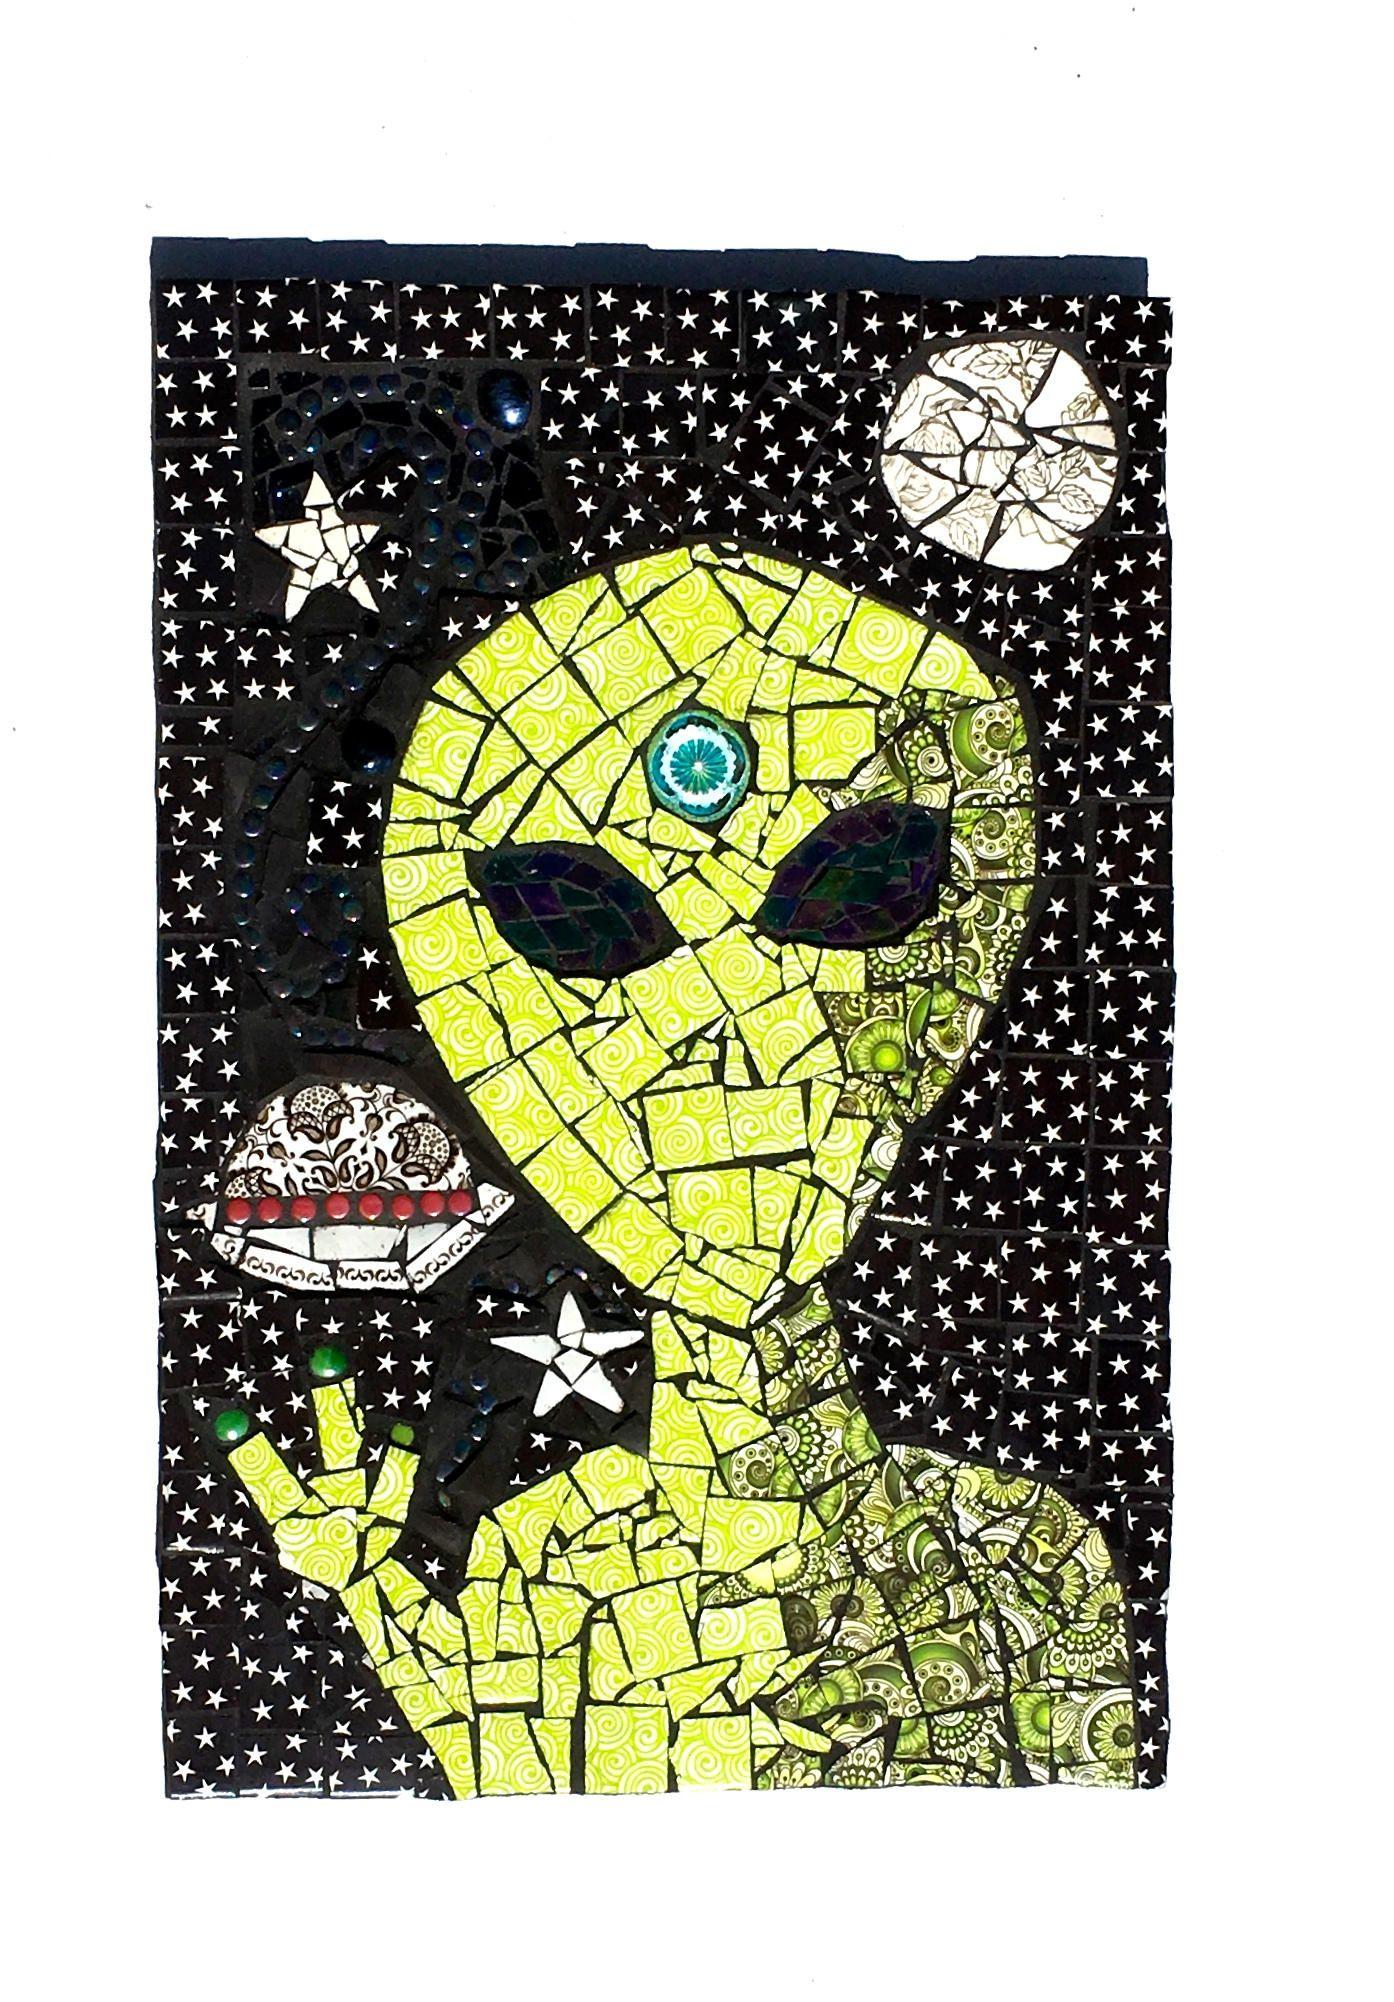 Alien Art, Space Mosaic, Weird Mixed Media, UFO Decor, Star Artwork ...